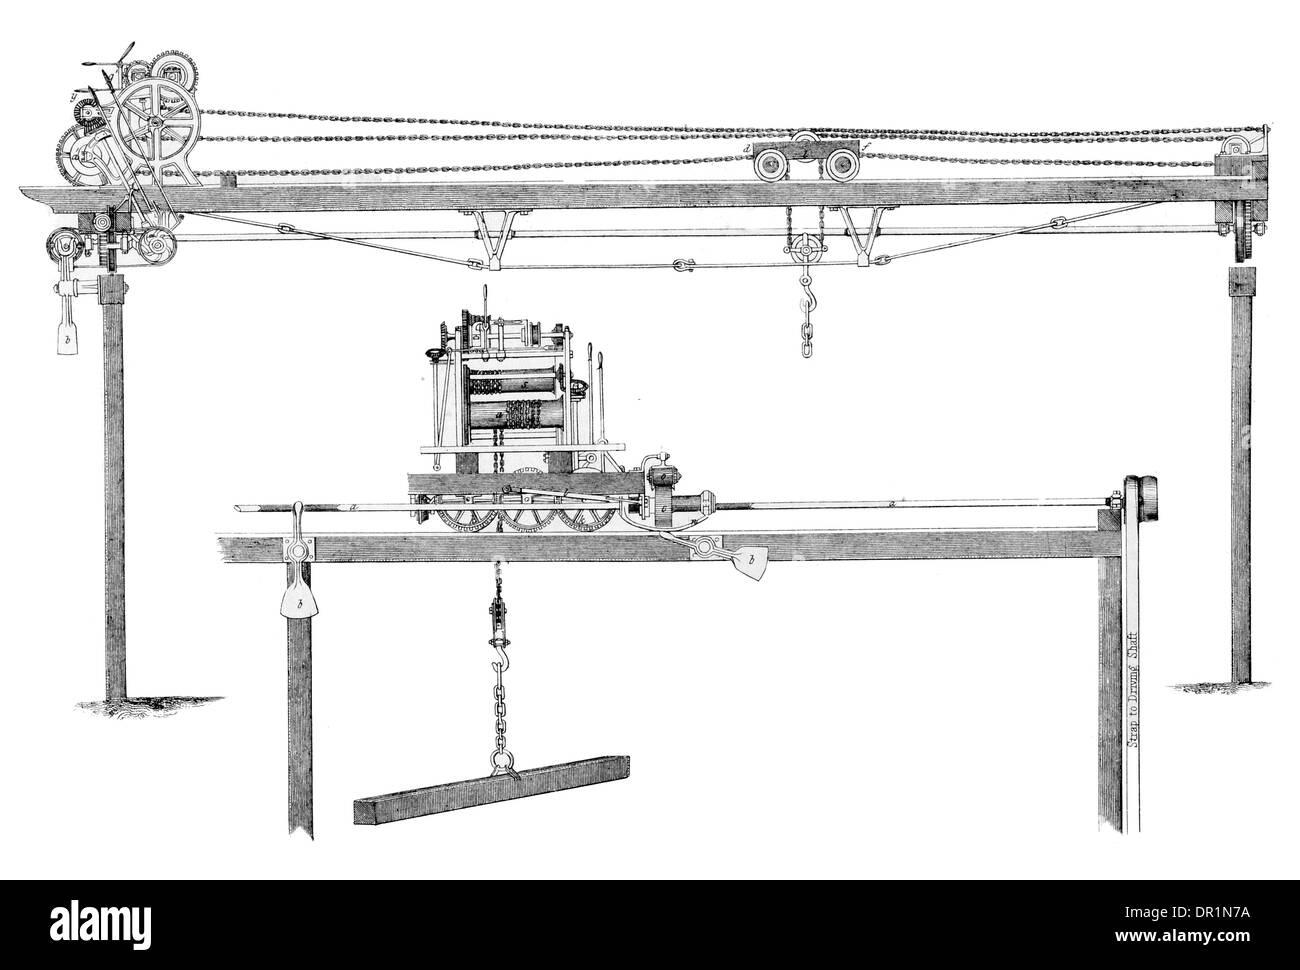 Vapor patentes Grúa locomóvil. Exhibidos por M Nicol y Vernon Liverpool. circa 1889 Foto de stock